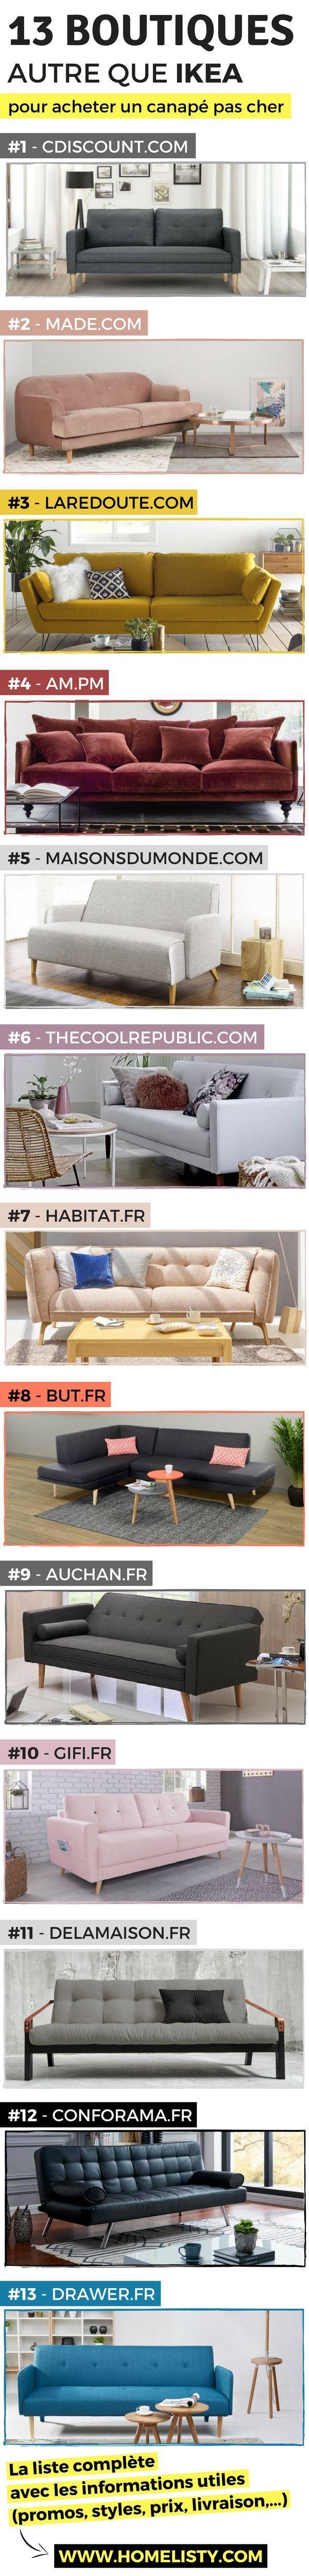 Vous cherchez un canapé pas cher ? Dans cette liste, j'ai regroupé 13 boutiques (autres que IKEA) à visiter pour enfin trouver un canapé tendance au meilleur prix !